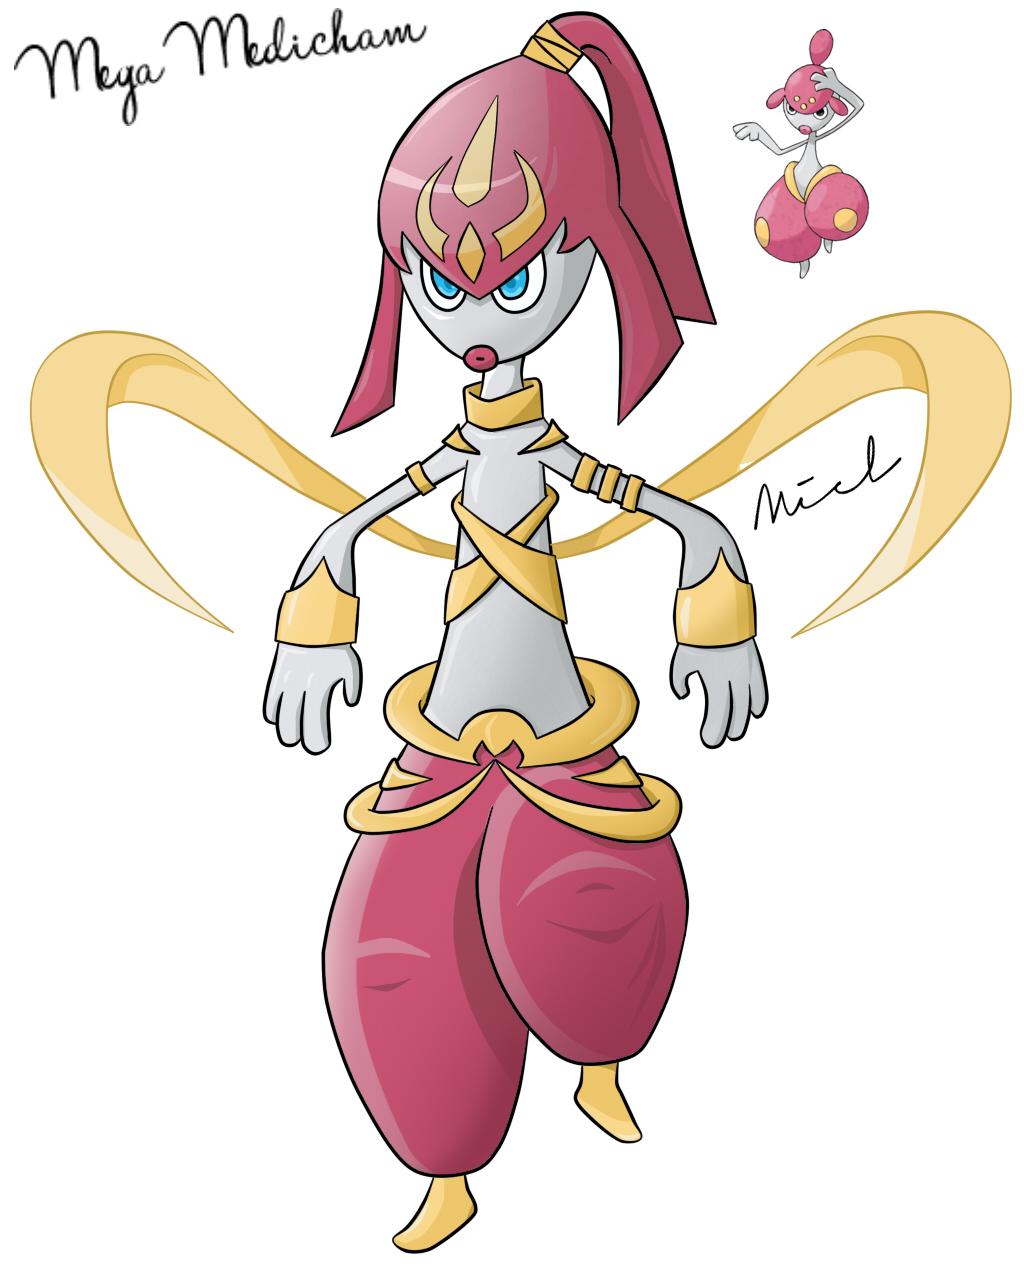 Pokemon Mega Medicham Card Images | Pokemon Images